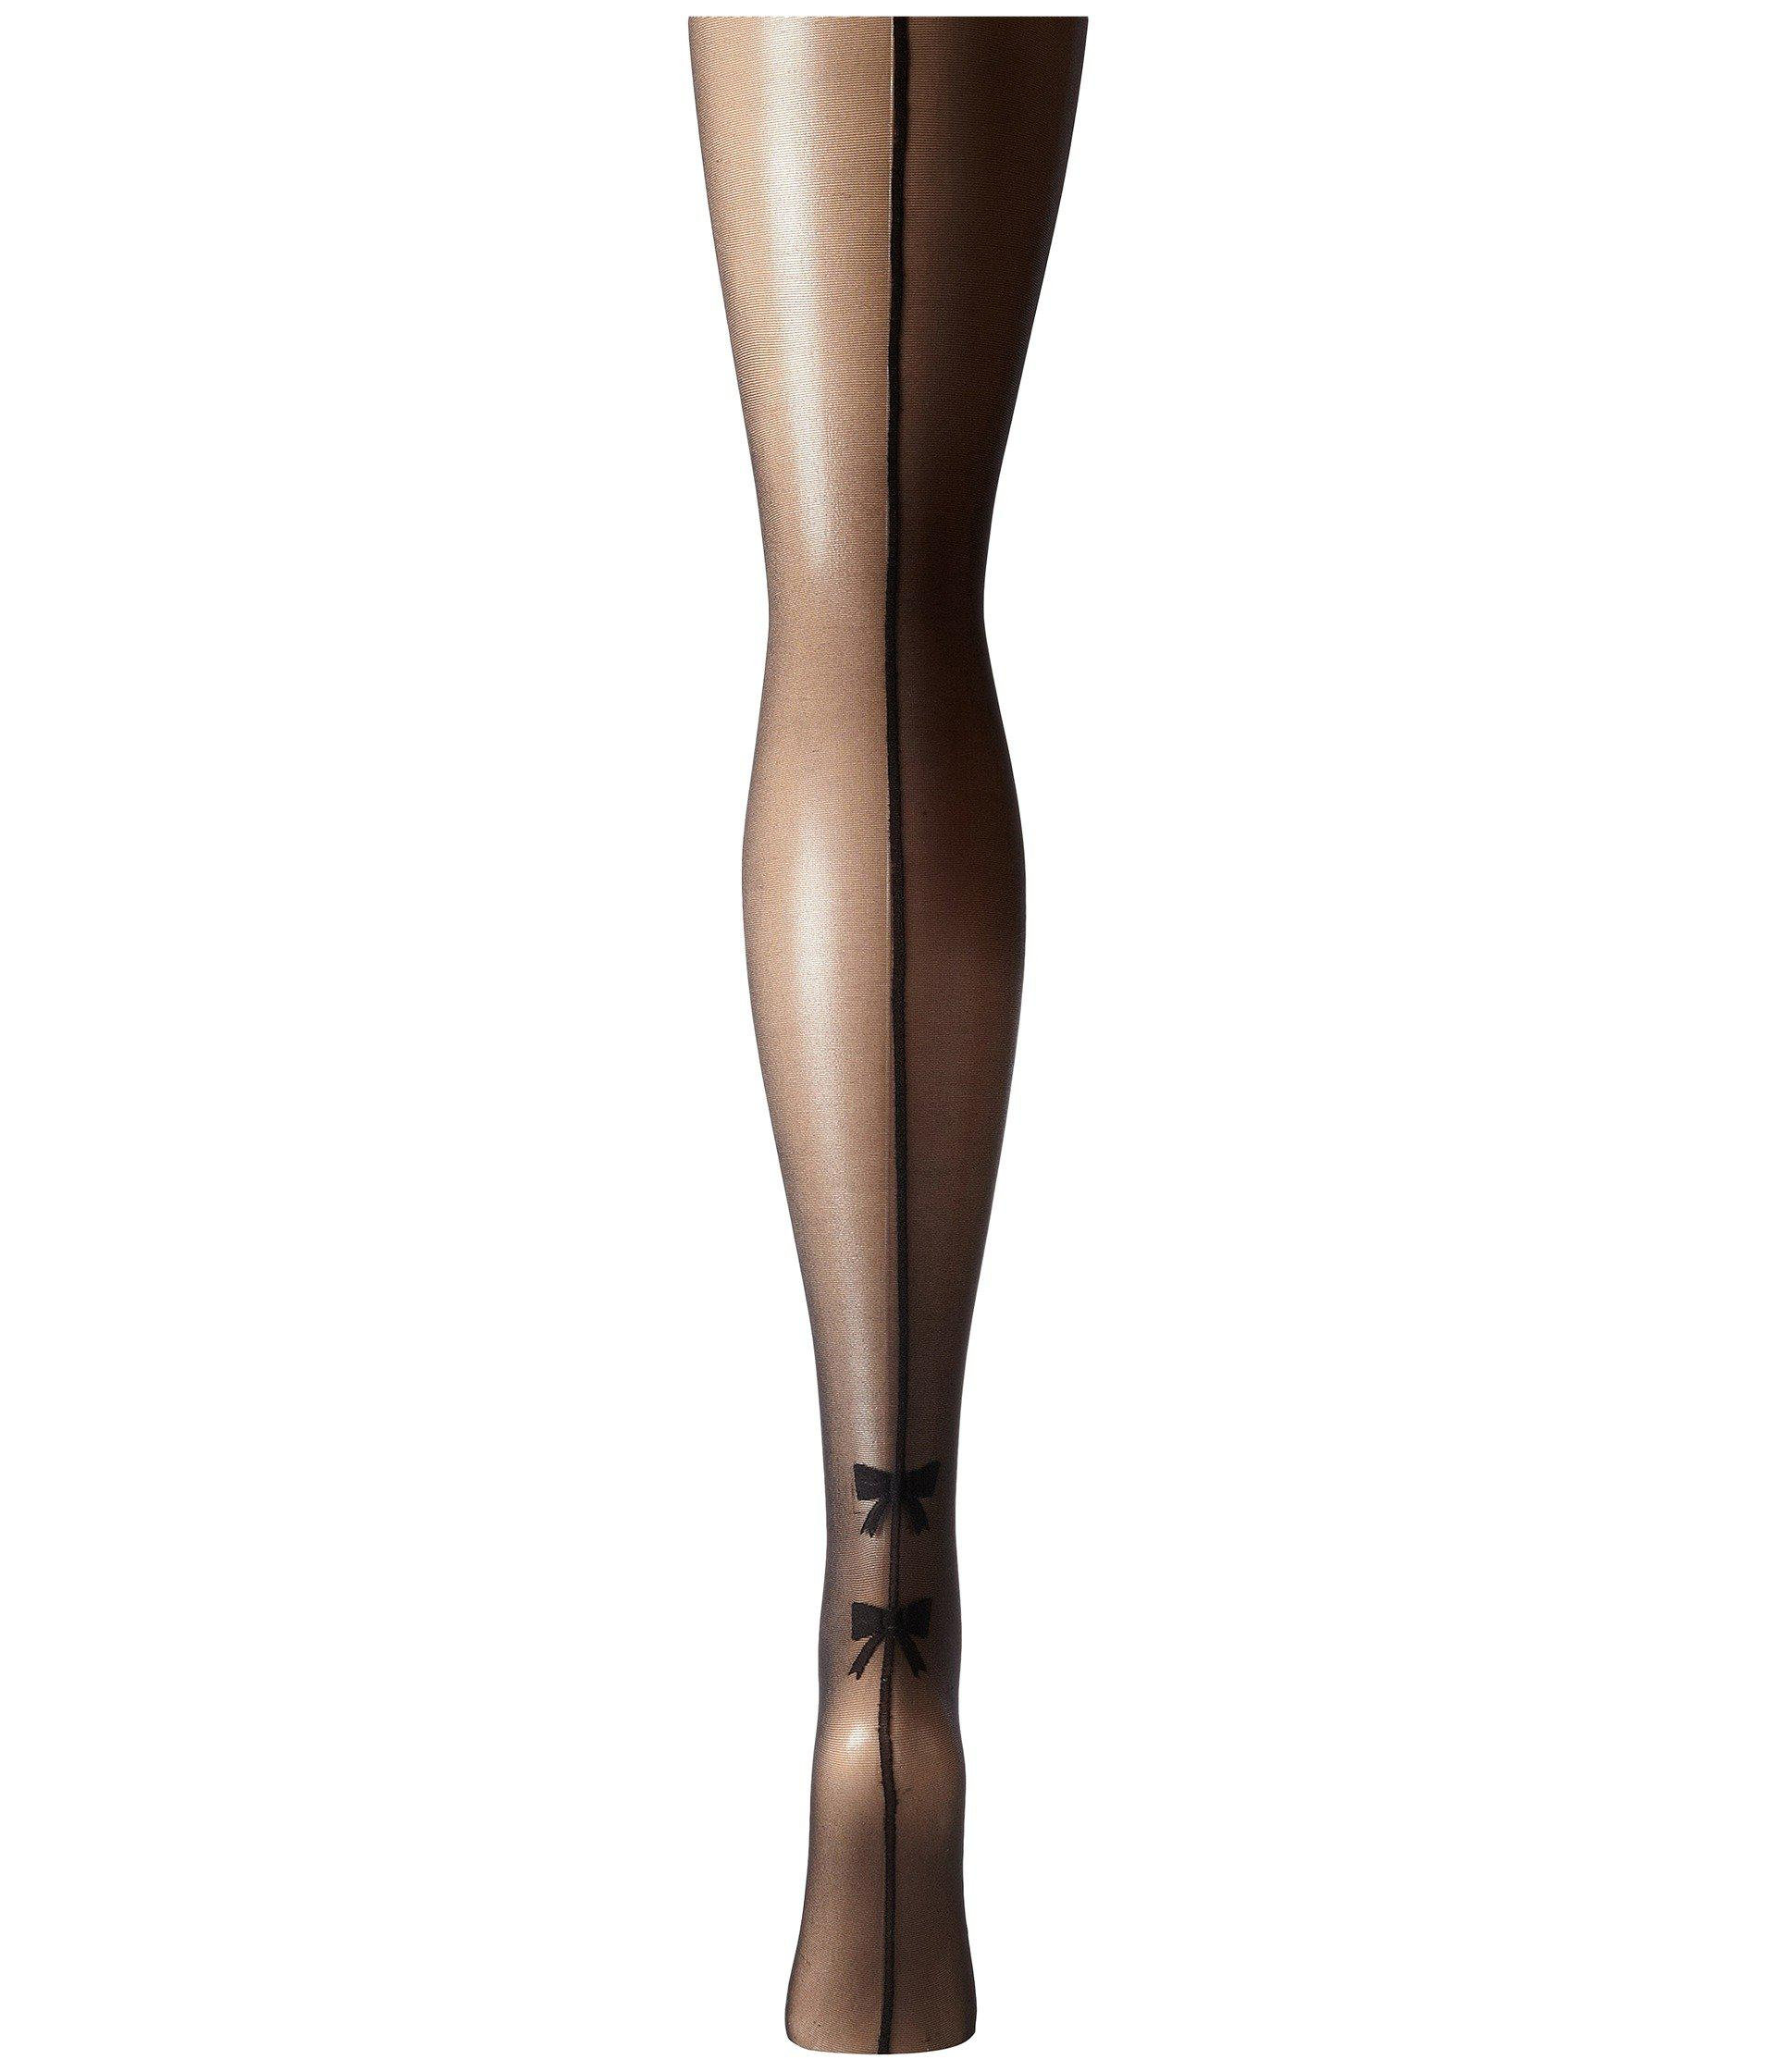 5f823f8417a58 Lyst - Pretty Polly Plus Size Curves Bow Backseam Tights (black ...